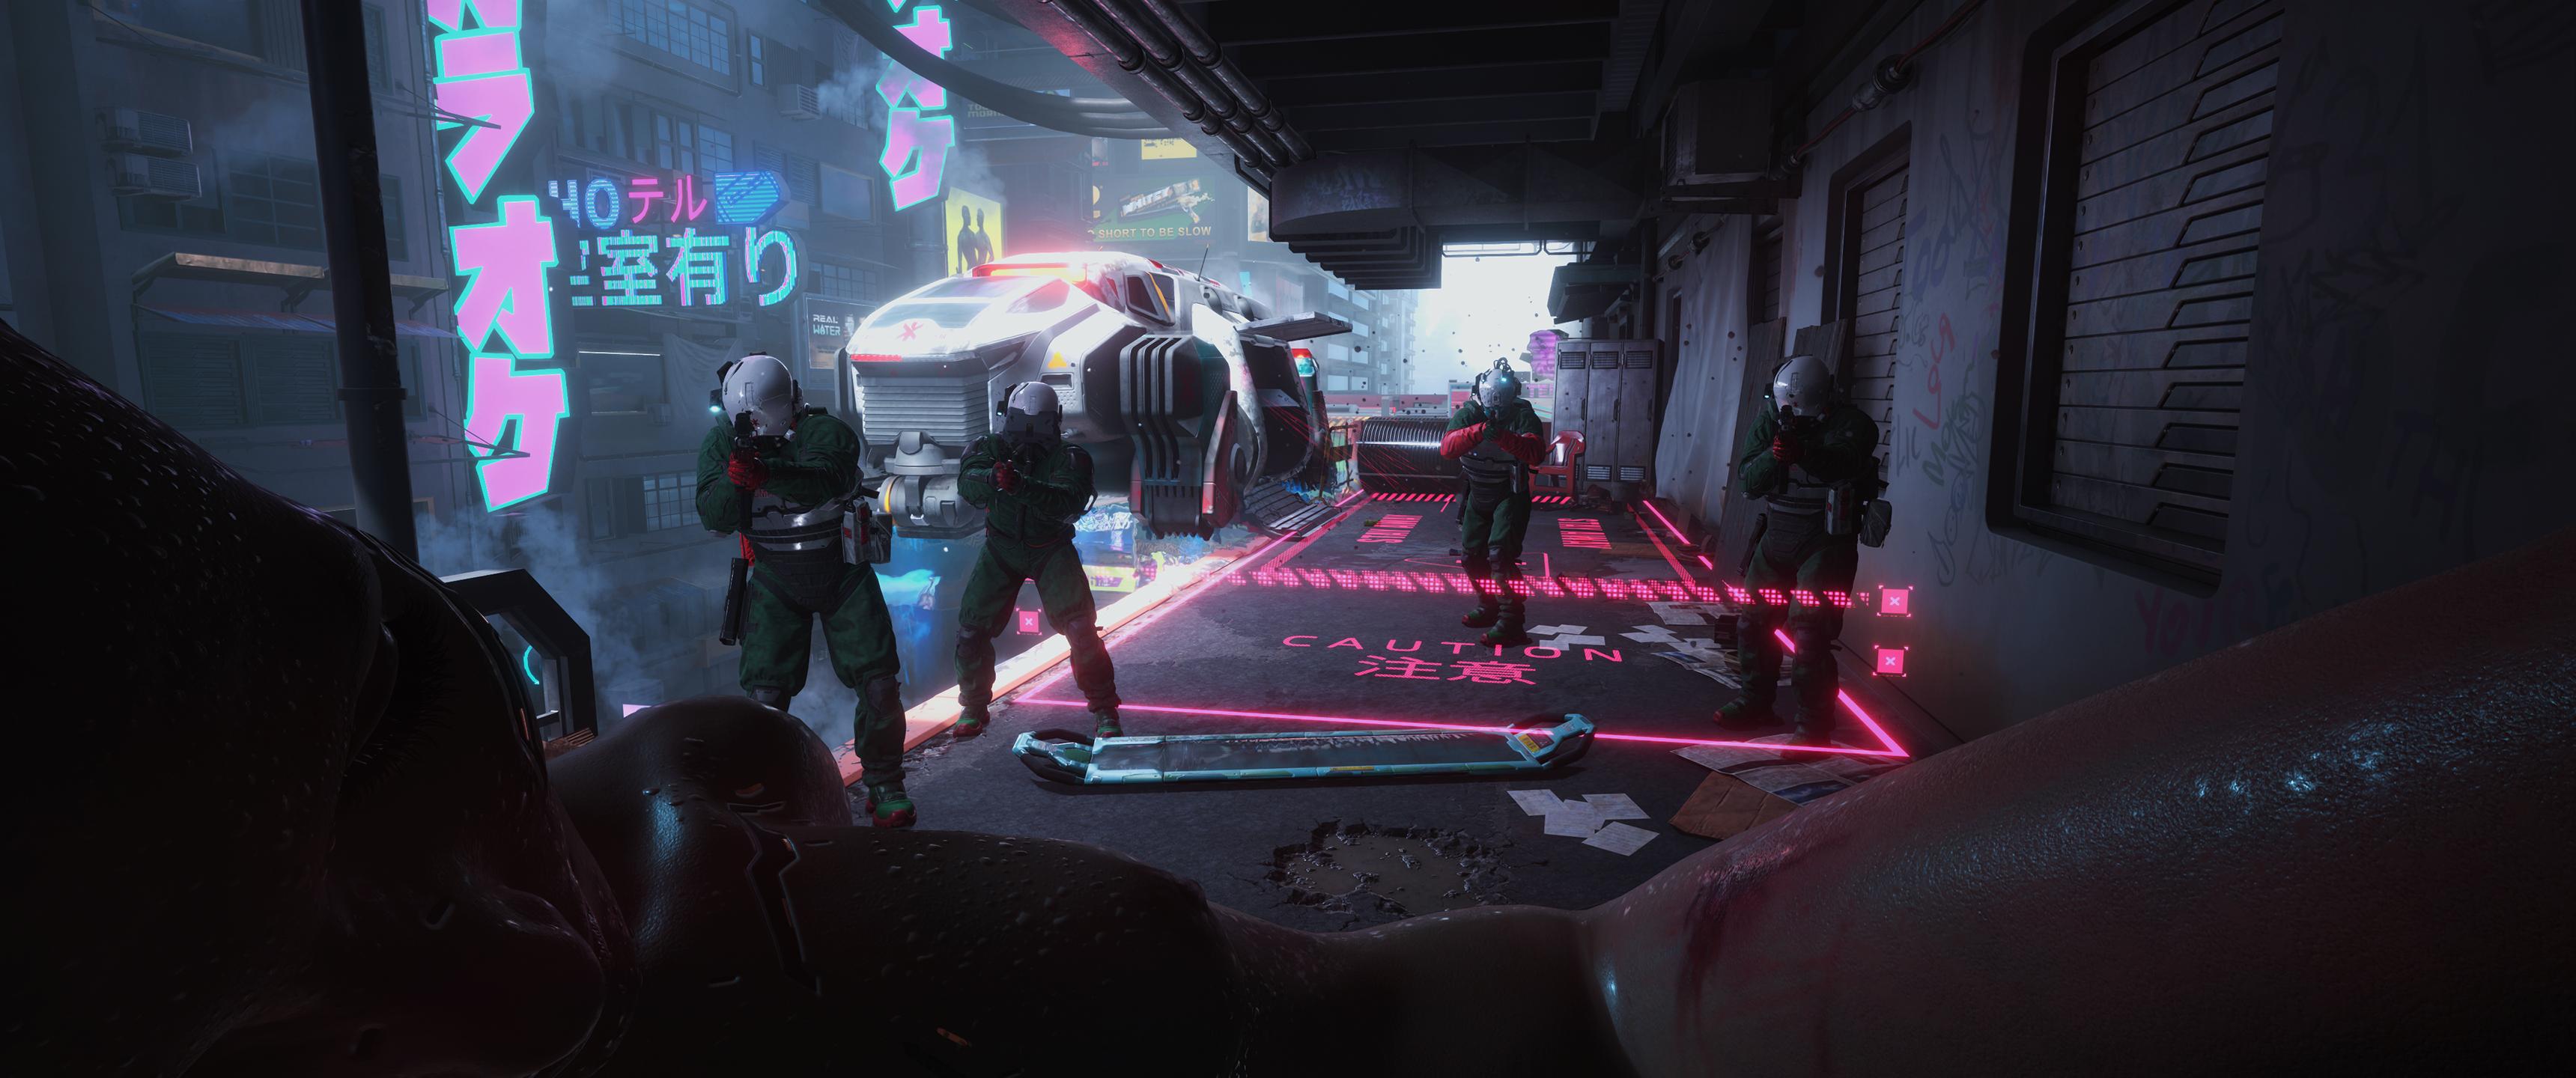 Cyberpunk2077_2021_04_05_03_03_25_317.jpg